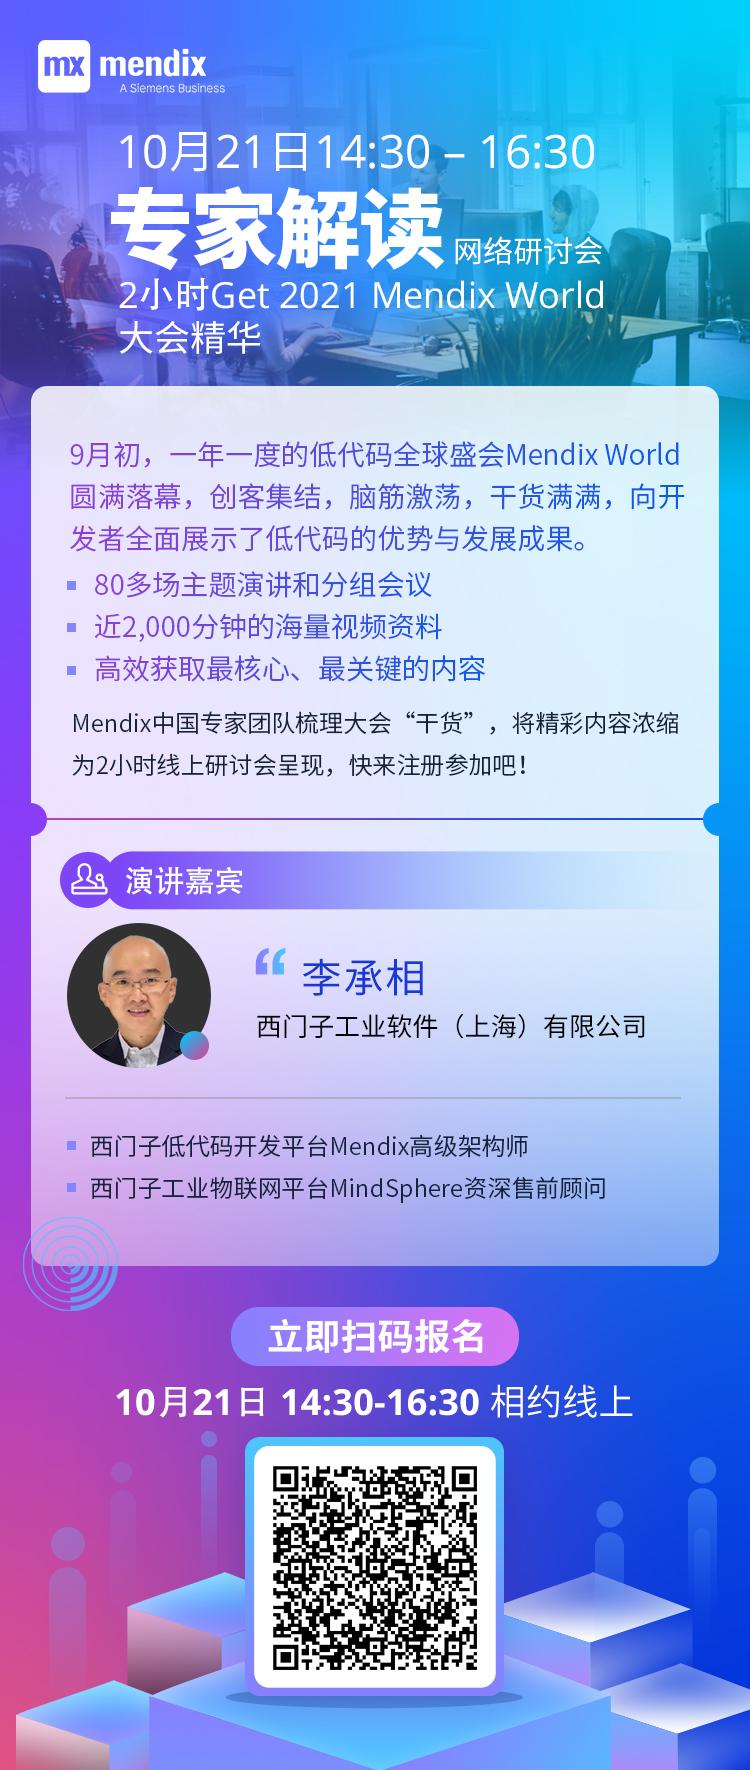 中文论坛来源海报.jpg